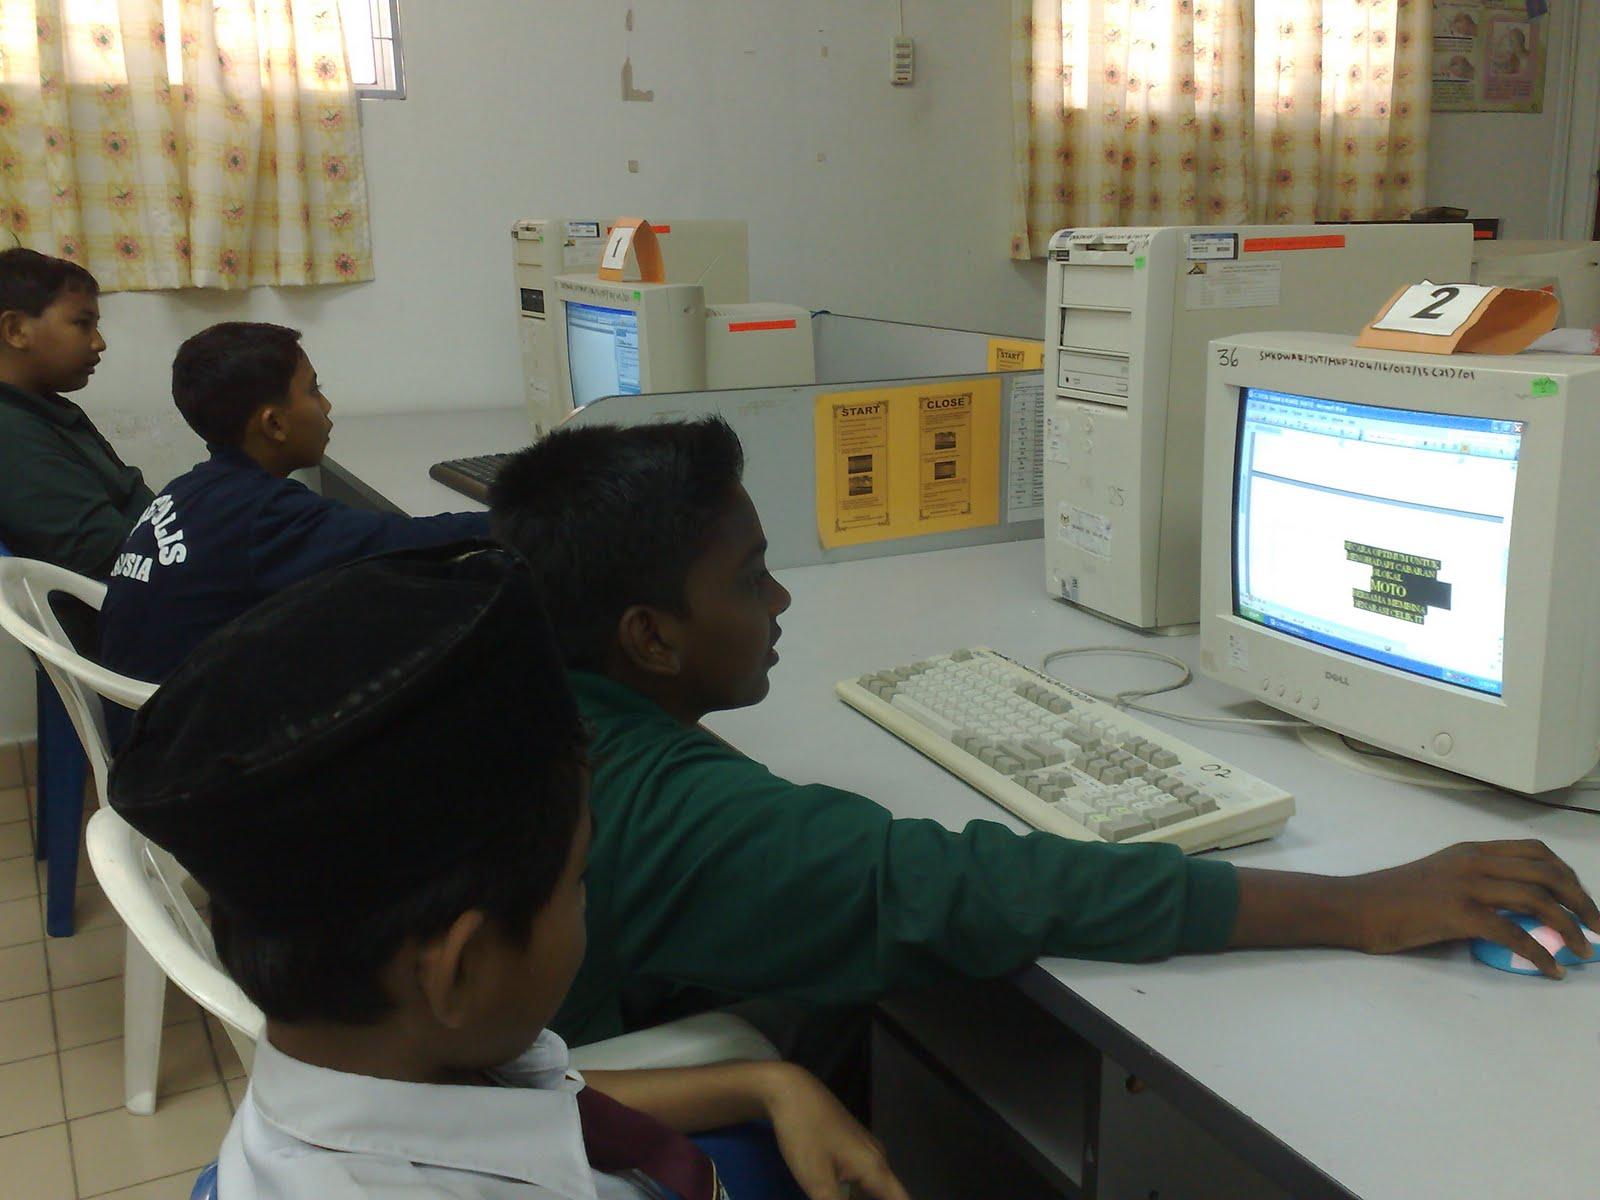 Ahli-ahli kelab komputer sedang menaip brosur kelab komputer SMKDWAR ...